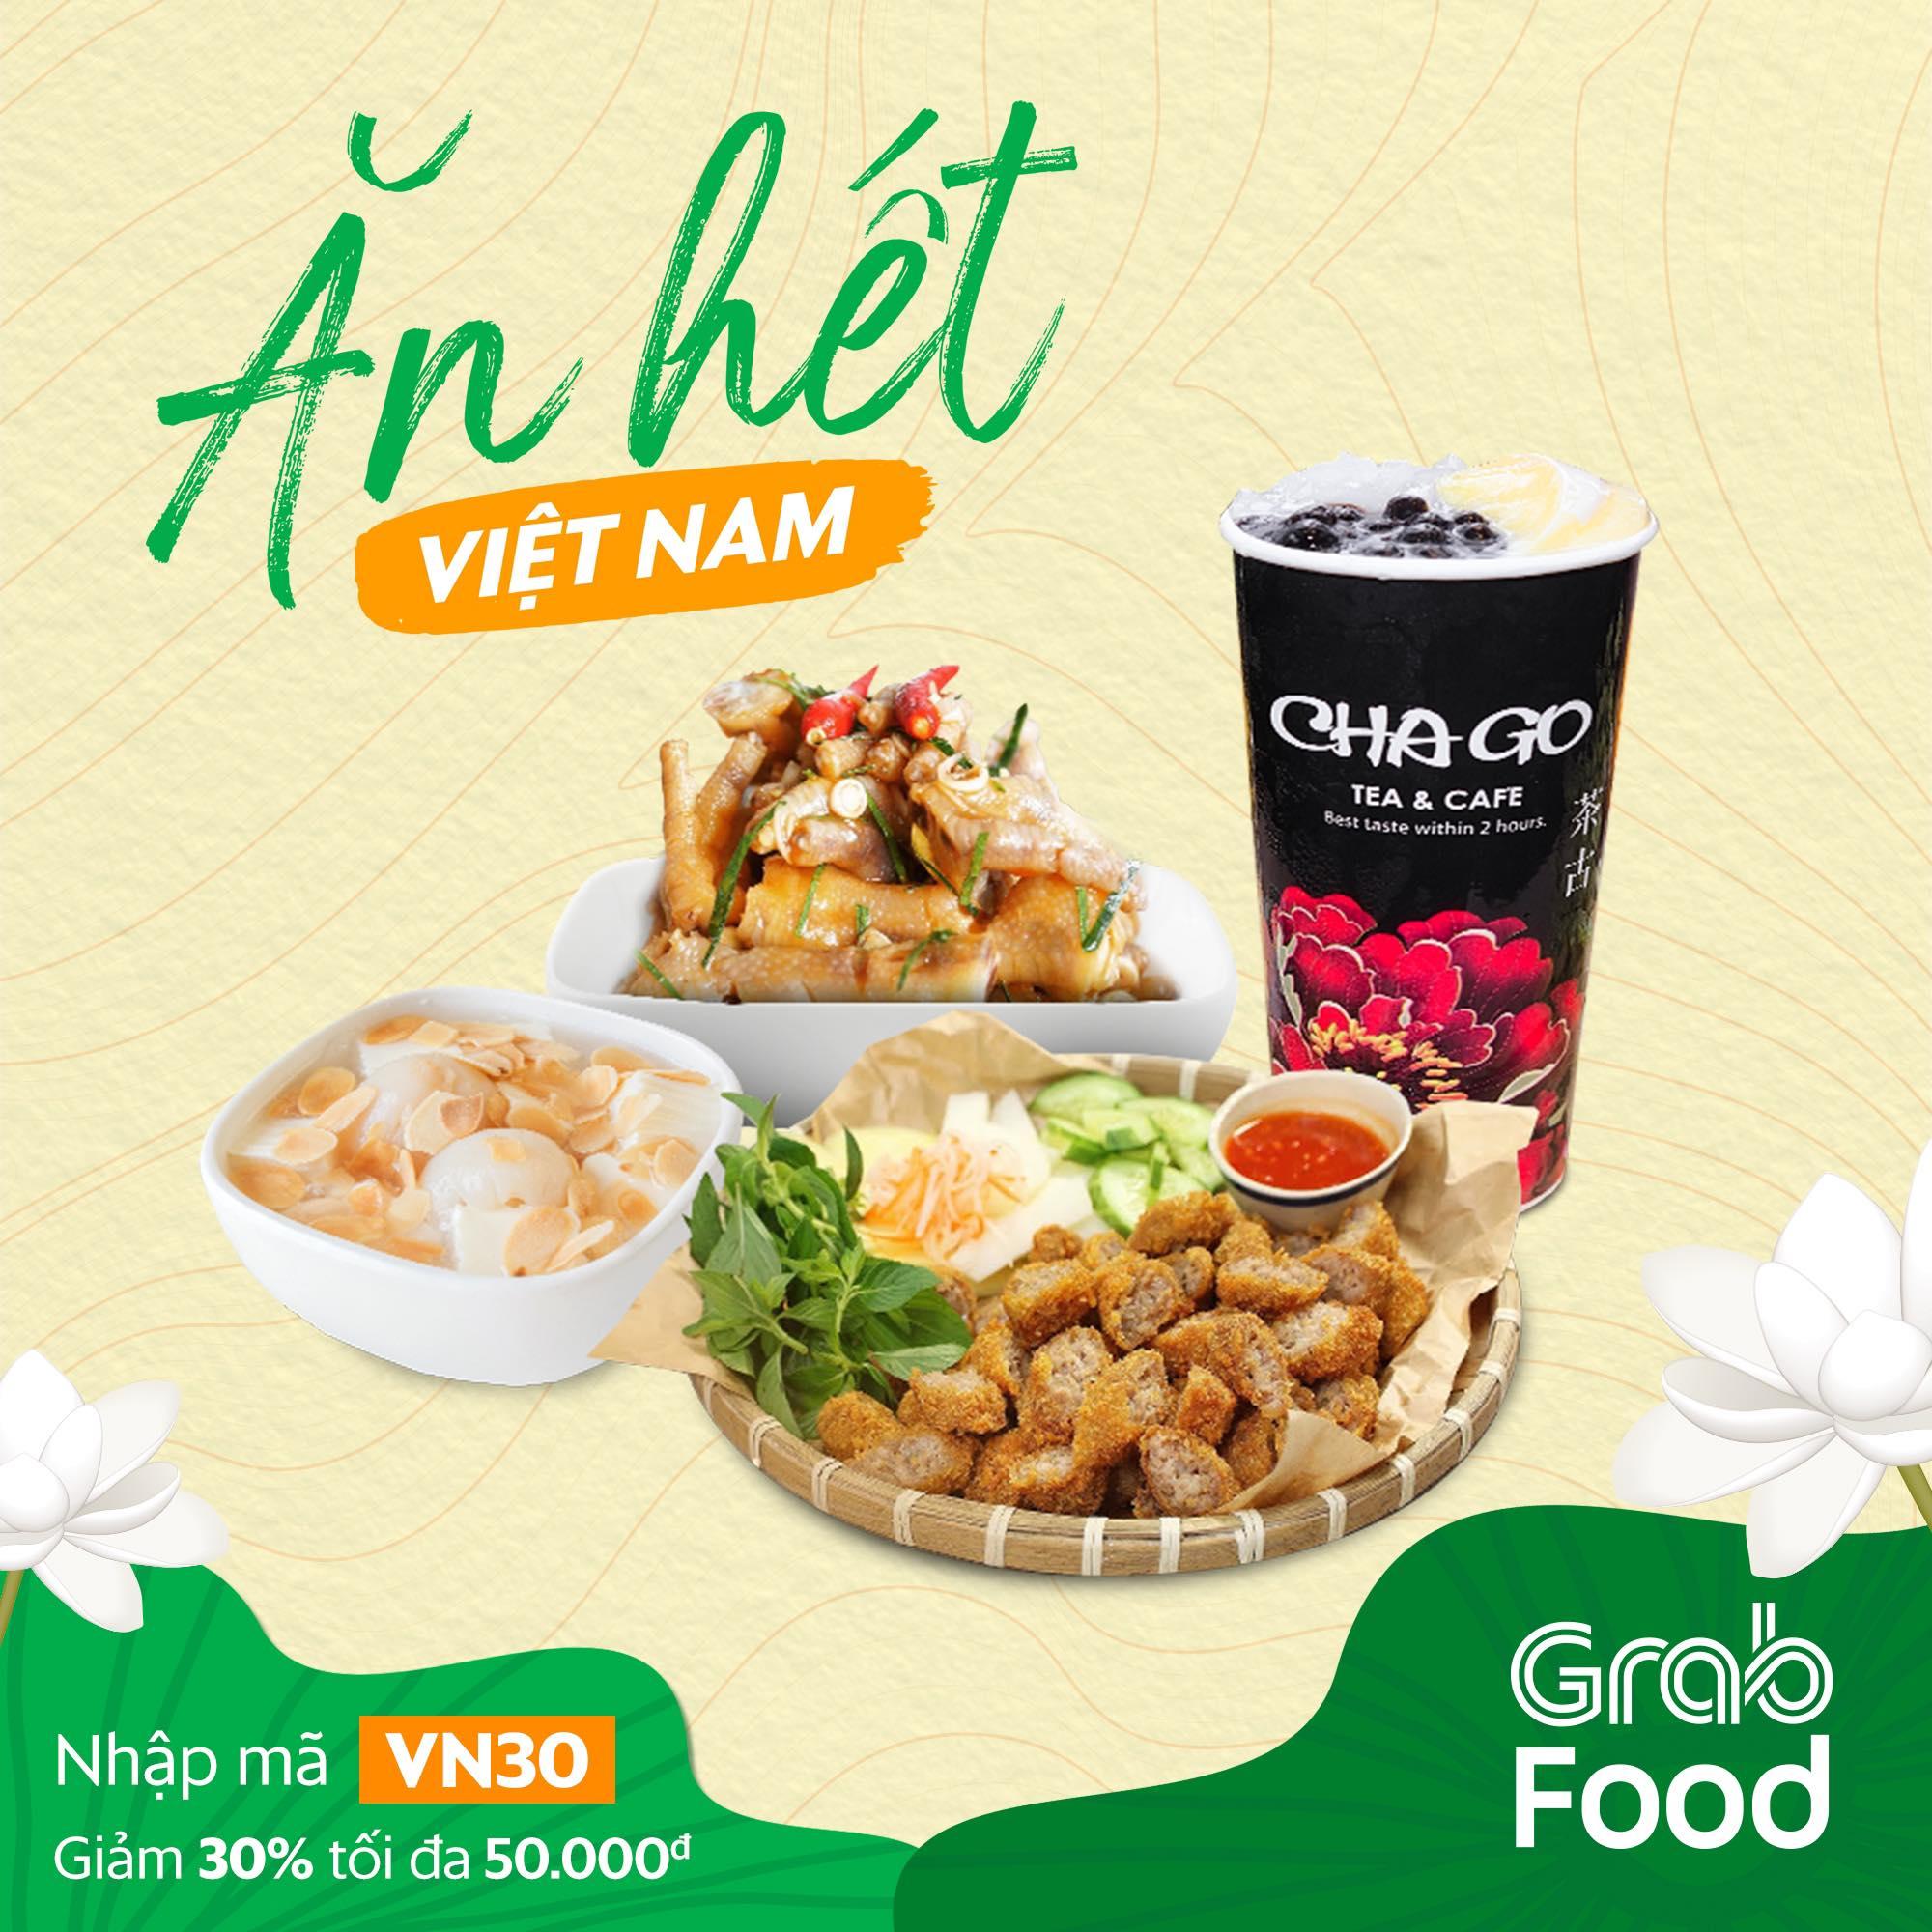 Grabfood An mon Vietnam